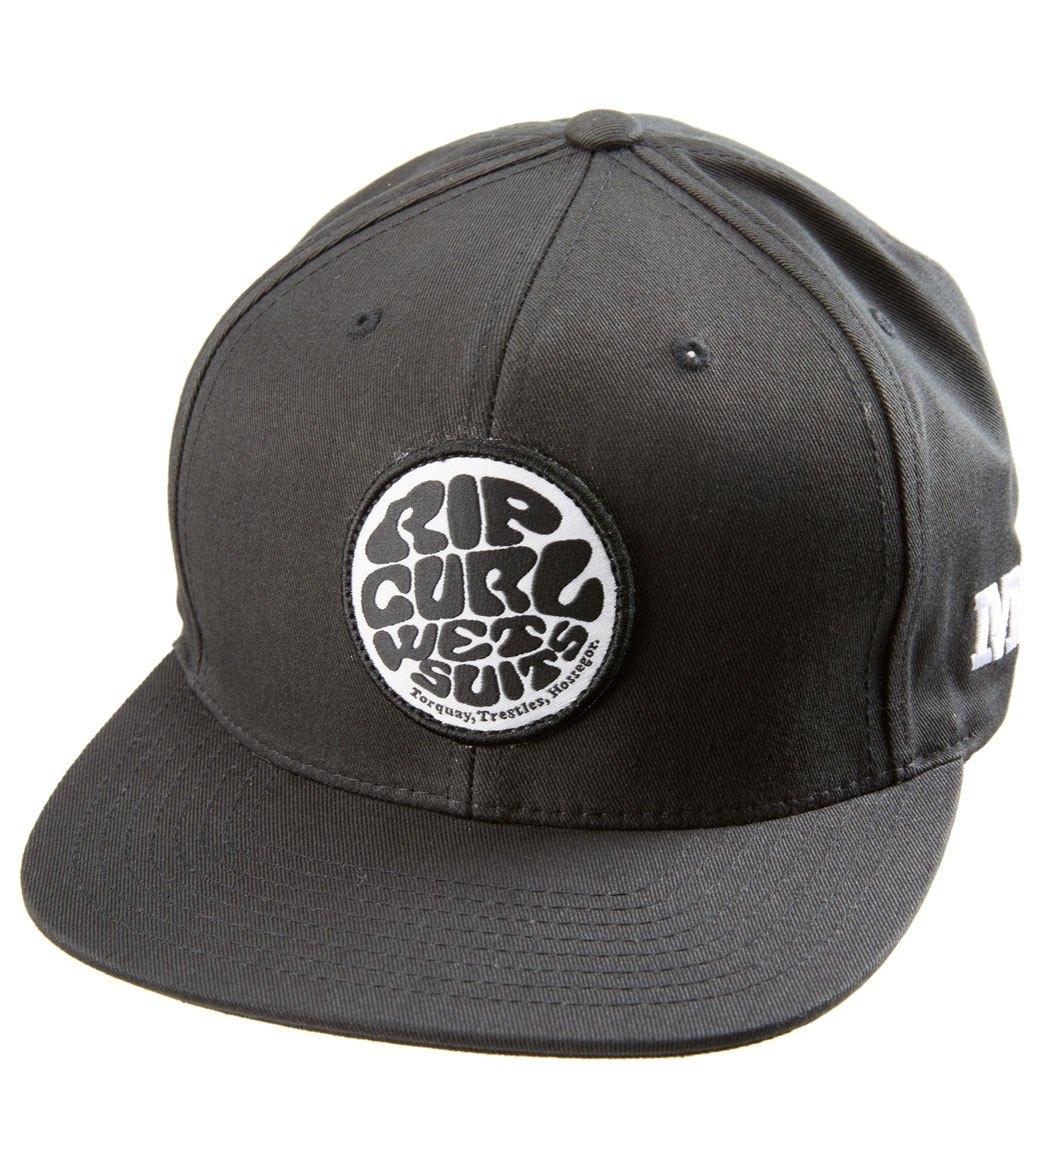 Rip Curl Men s MF Snapback Hat at SwimOutlet.com 2790207eca9